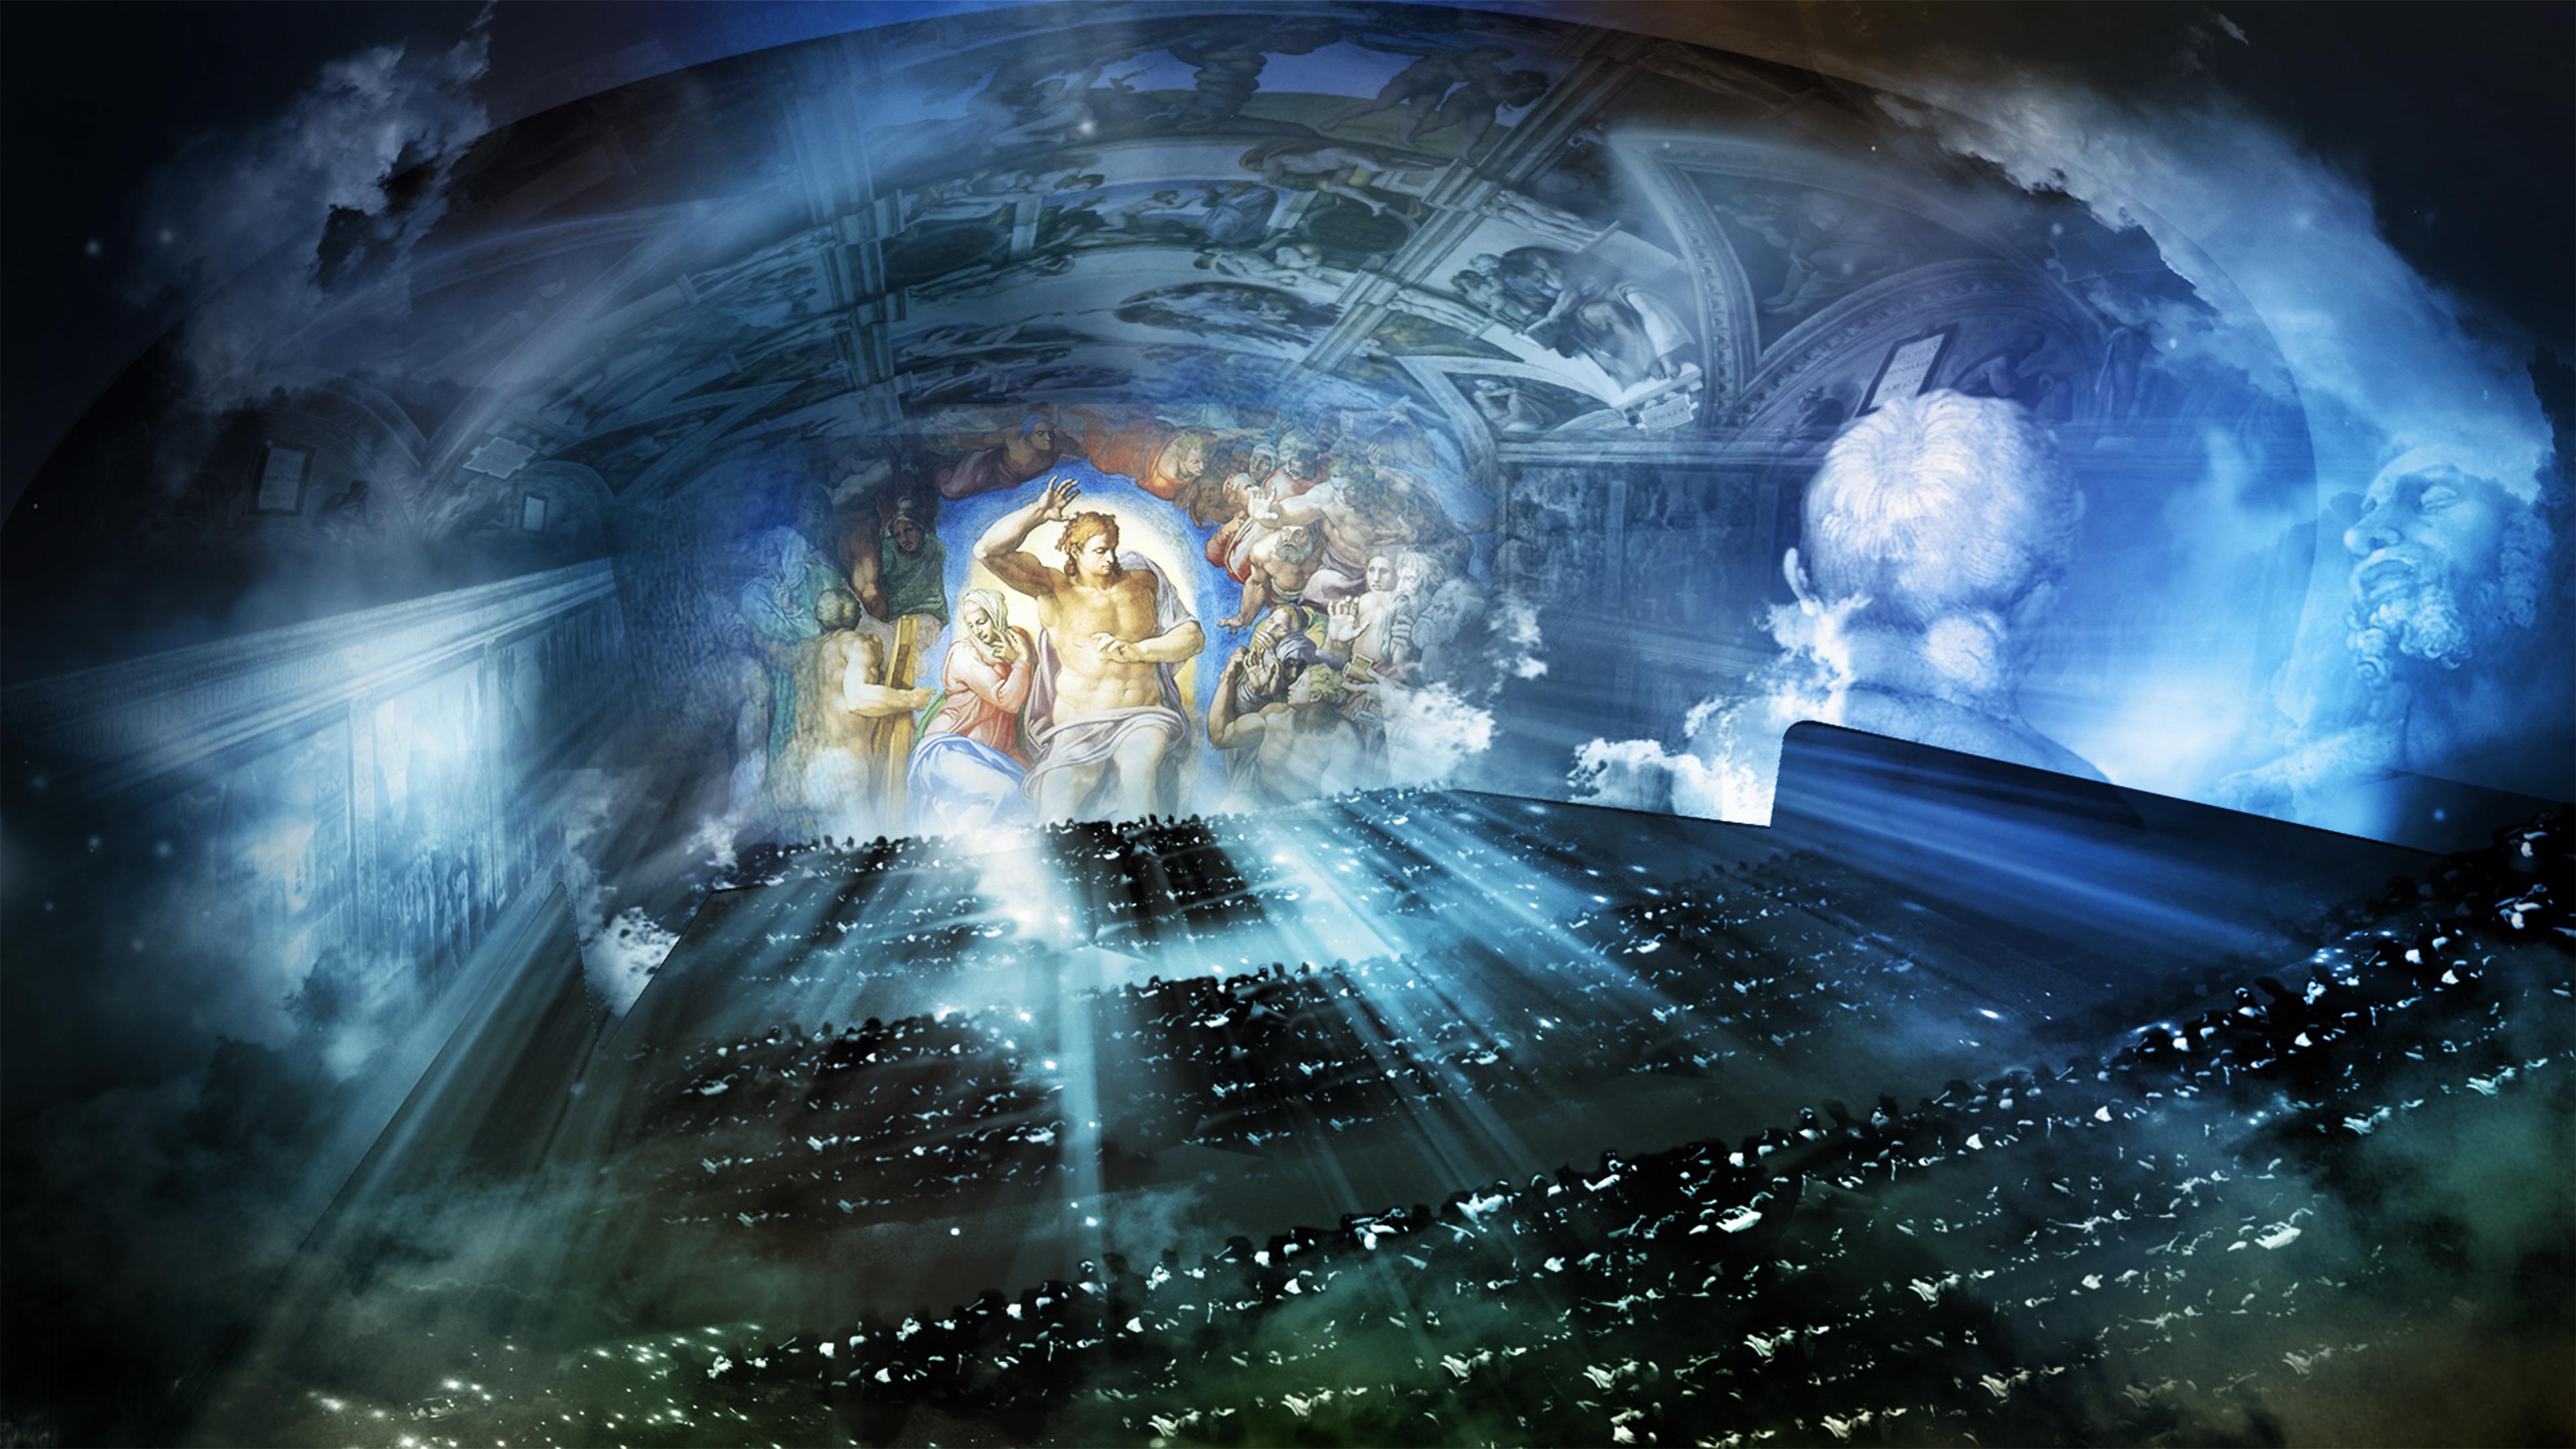 Giudizio Universale'. Un live show per Michelangelo - Luce e Design